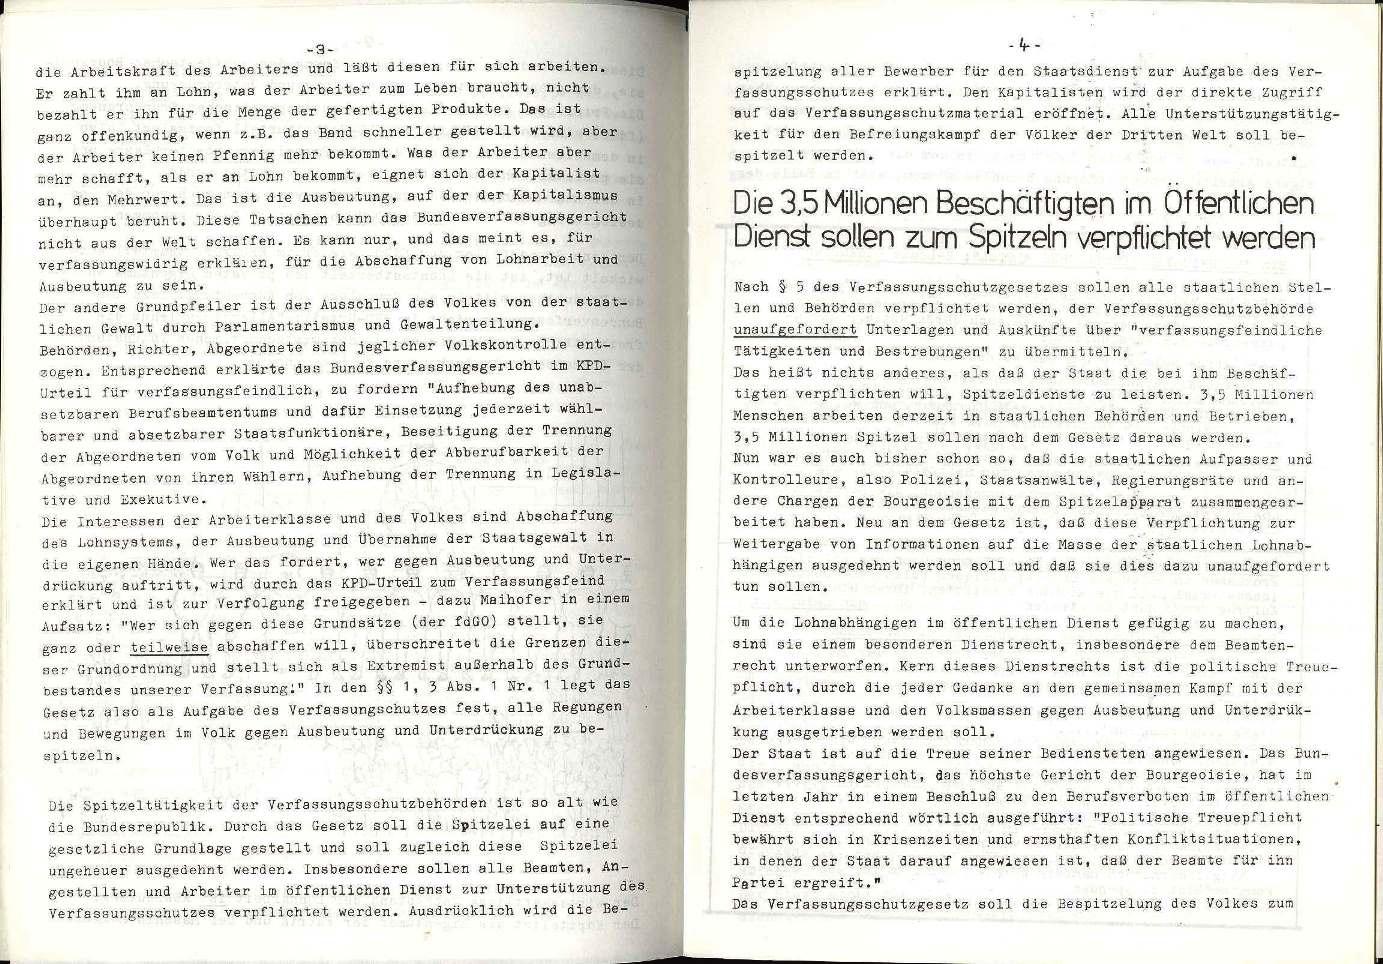 Hannover_Verfassungsschutzgesetz014